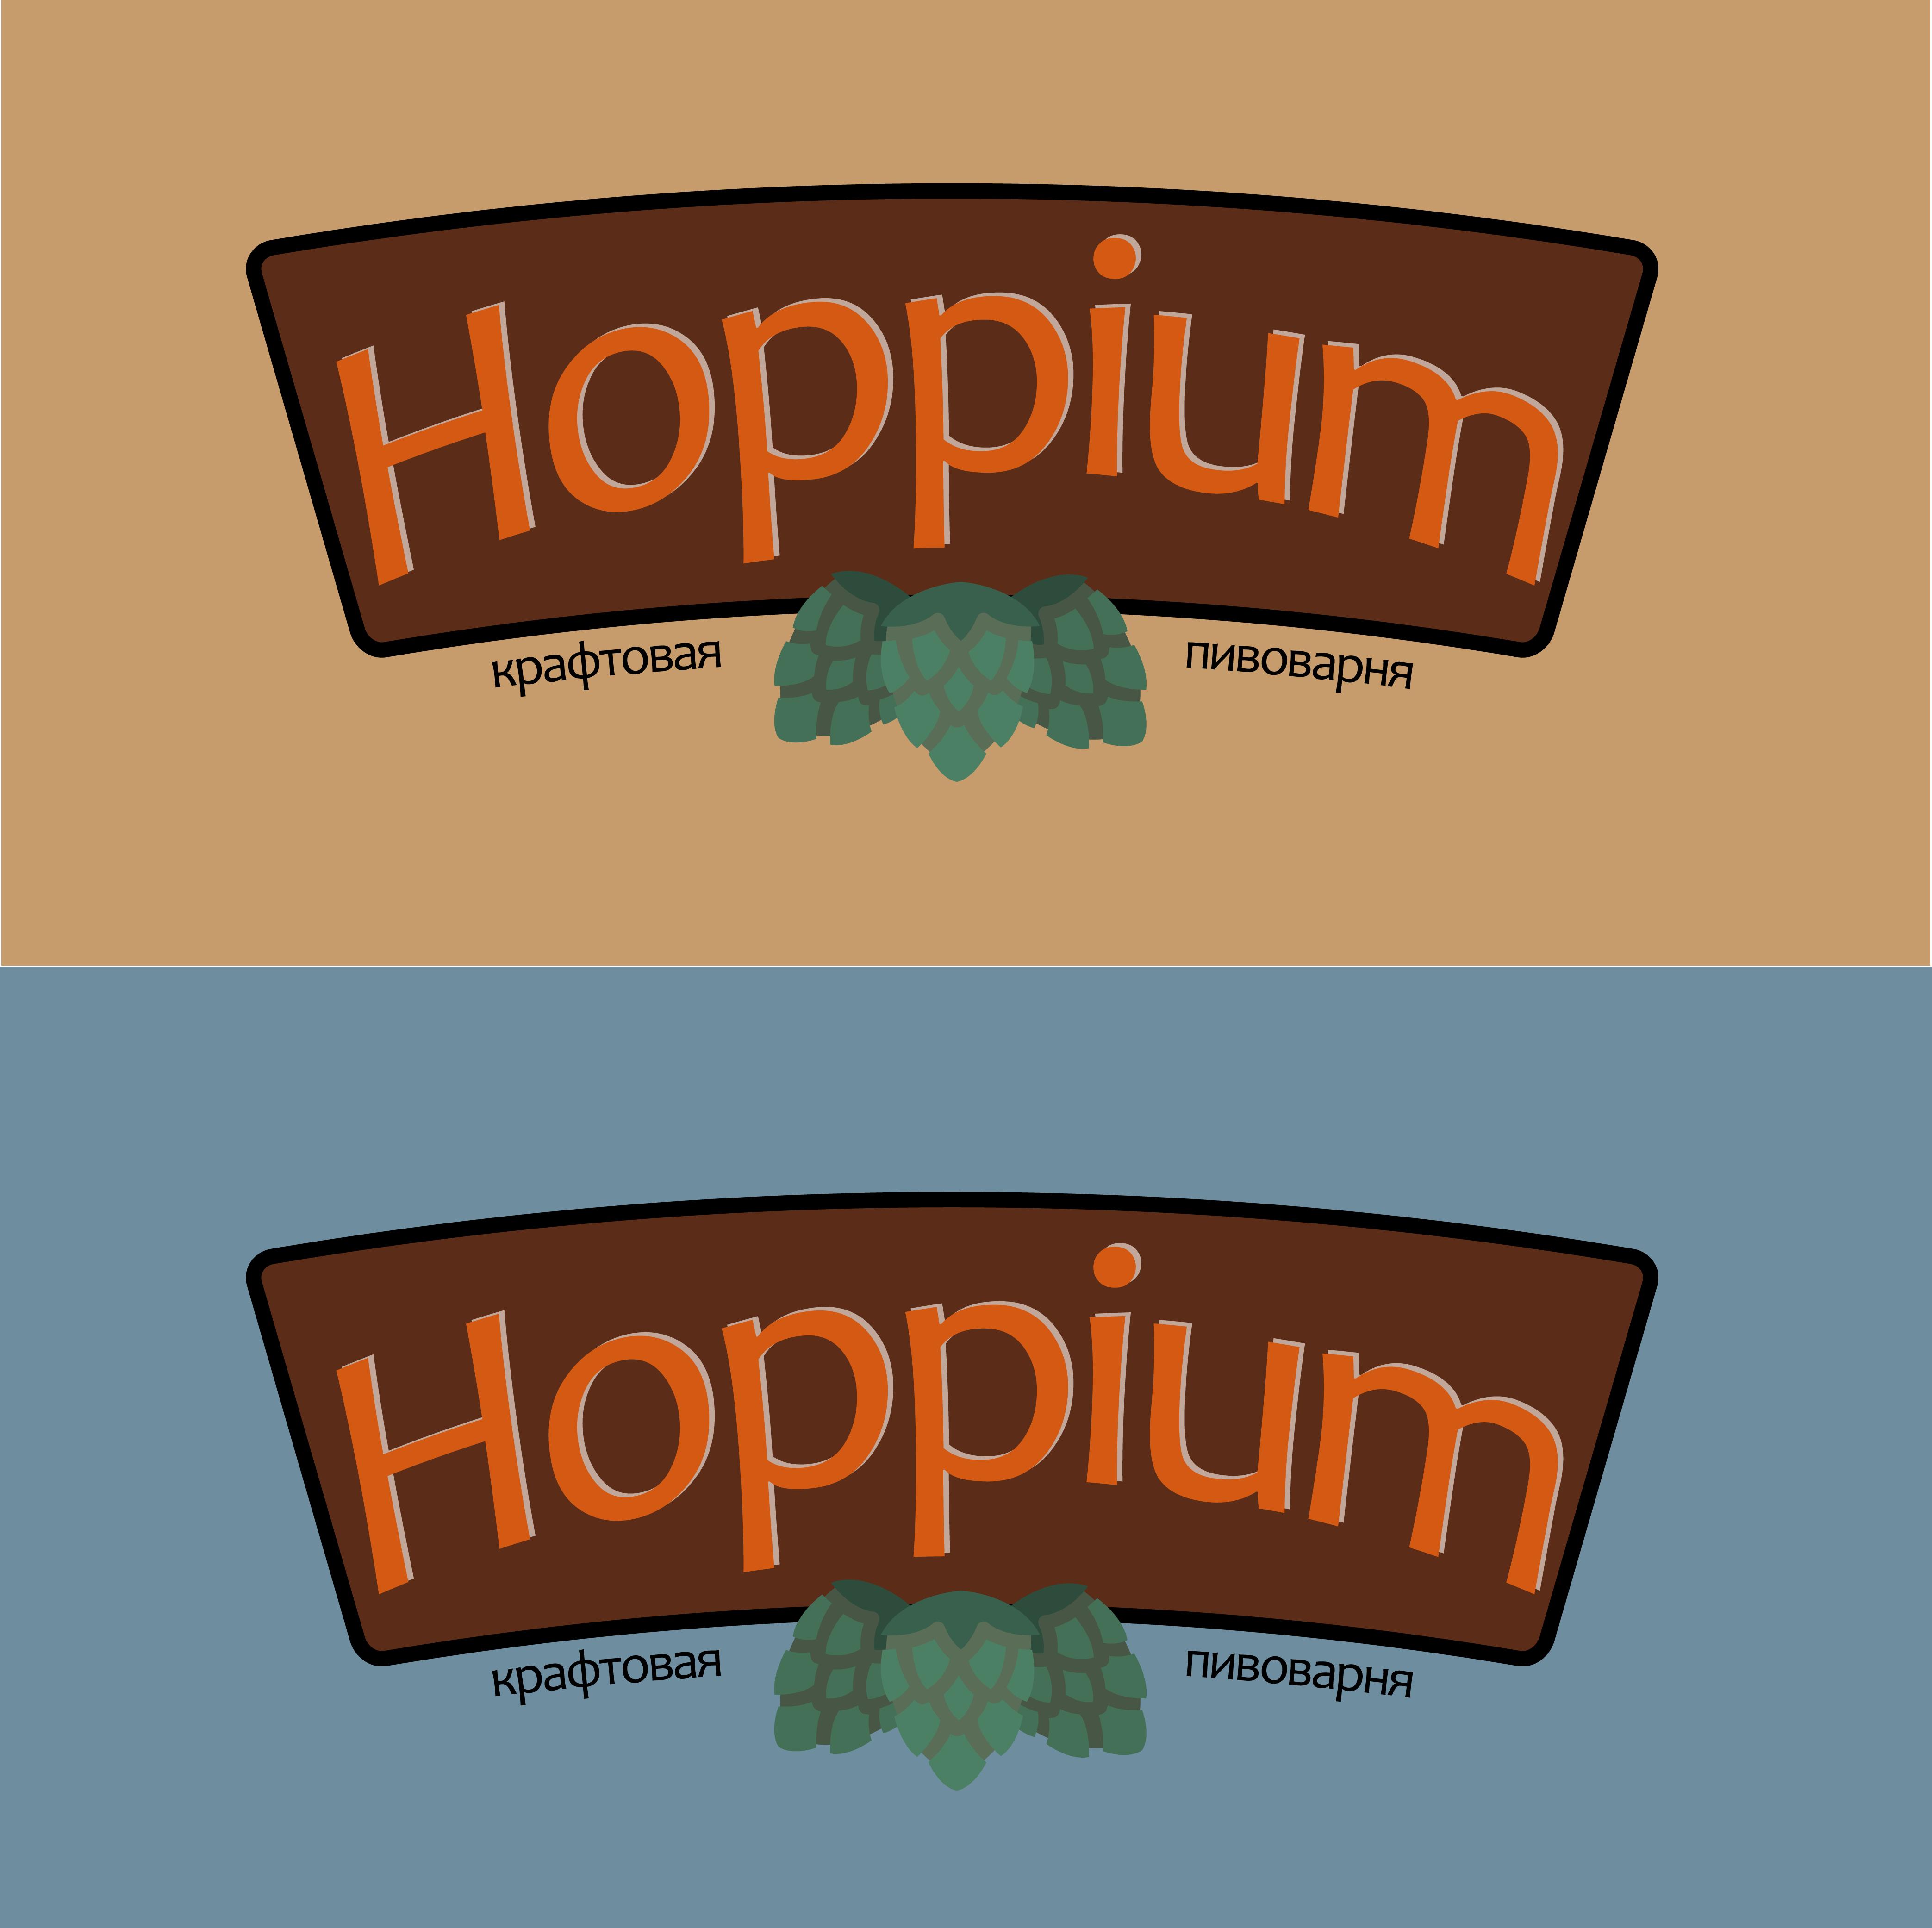 Логотип + Ценники для подмосковной крафтовой пивоварни фото f_8335dbd8bbb6a1cc.png